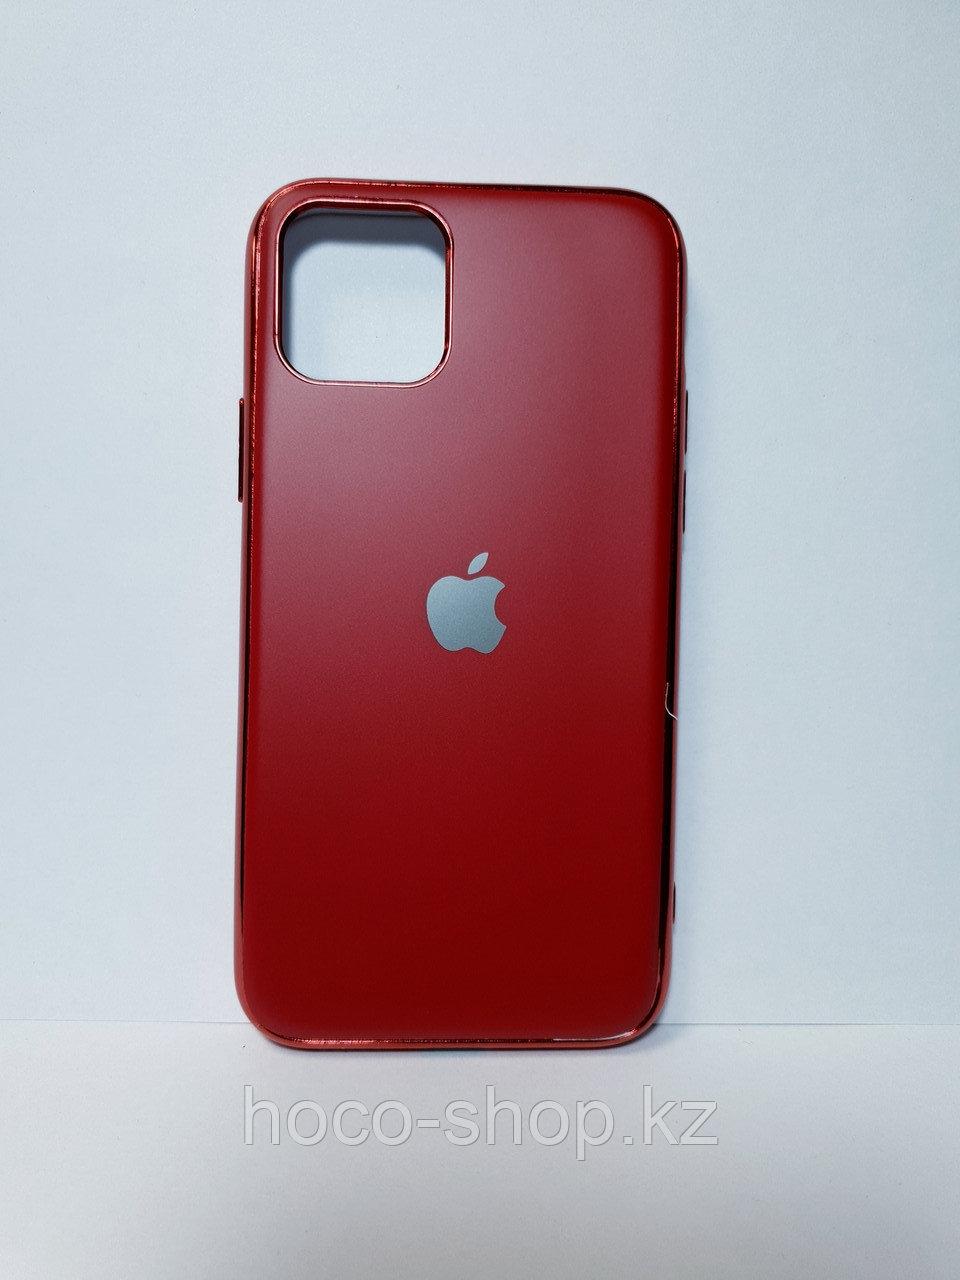 Чехол гелевый для iPhone 11 Pro